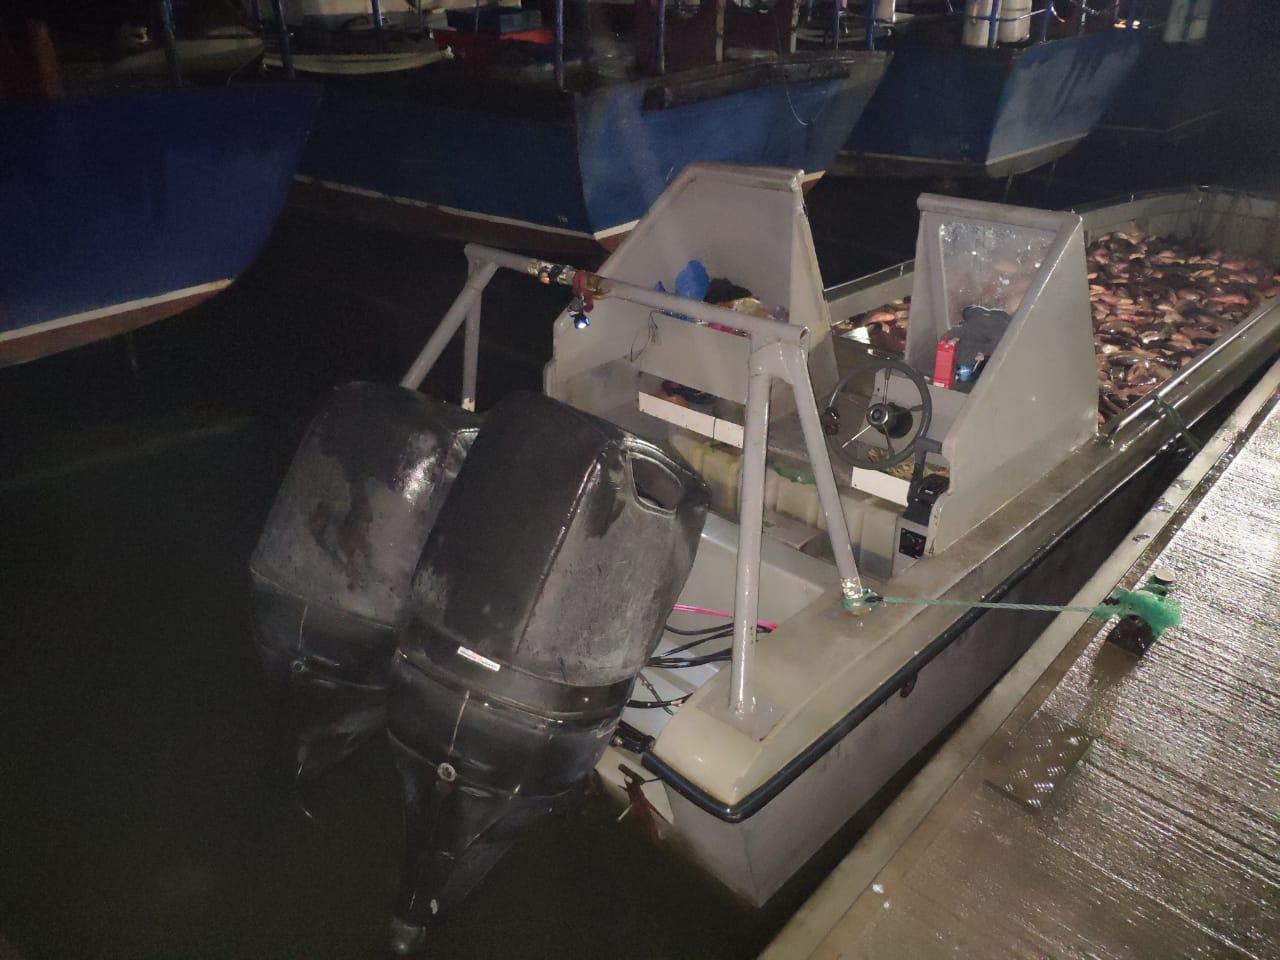 В Таганрогском заливе задержали браконьеров с незаконно добытой рыбой общим весом более 3,5 тонн